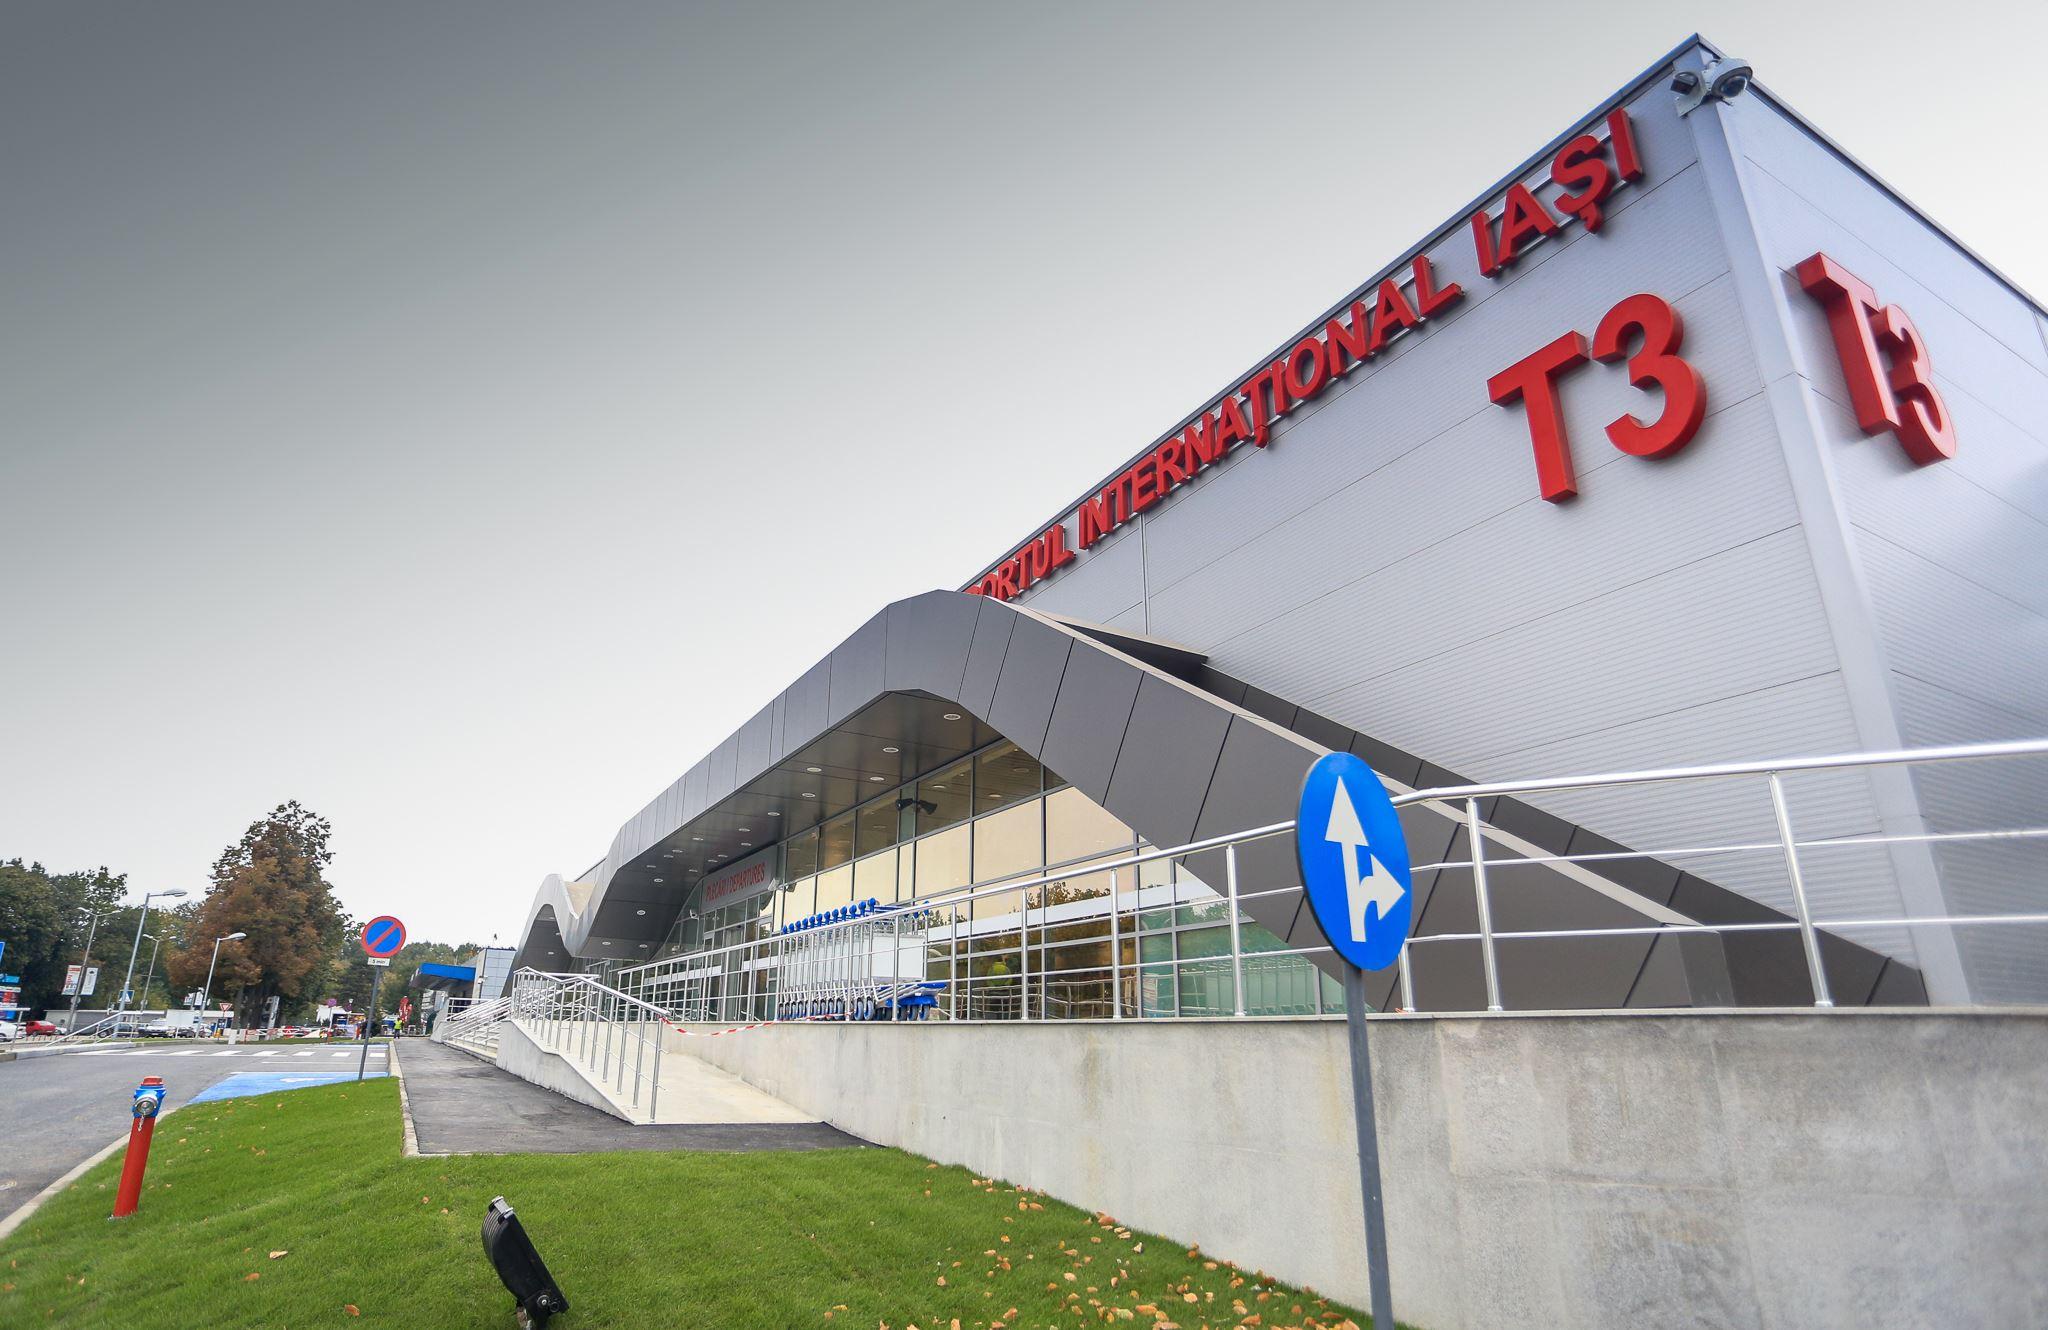 Aeroportul Iași a inaugurat Terminalul 3 și noi rute internaționale